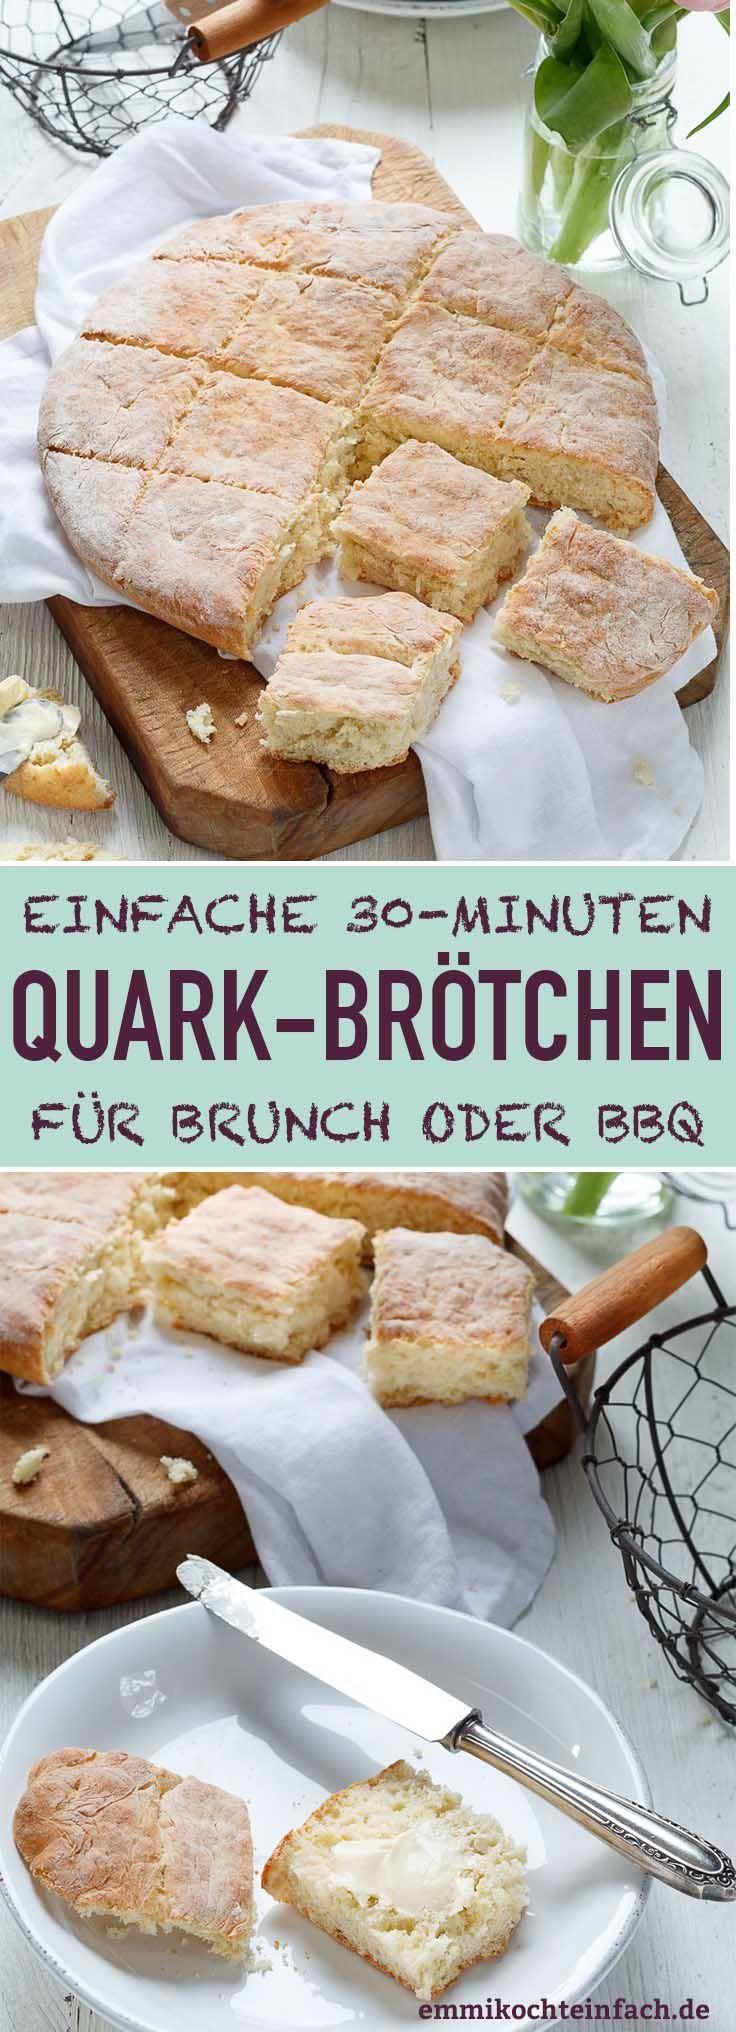 Schnelle und einfache Quarkbrötchen